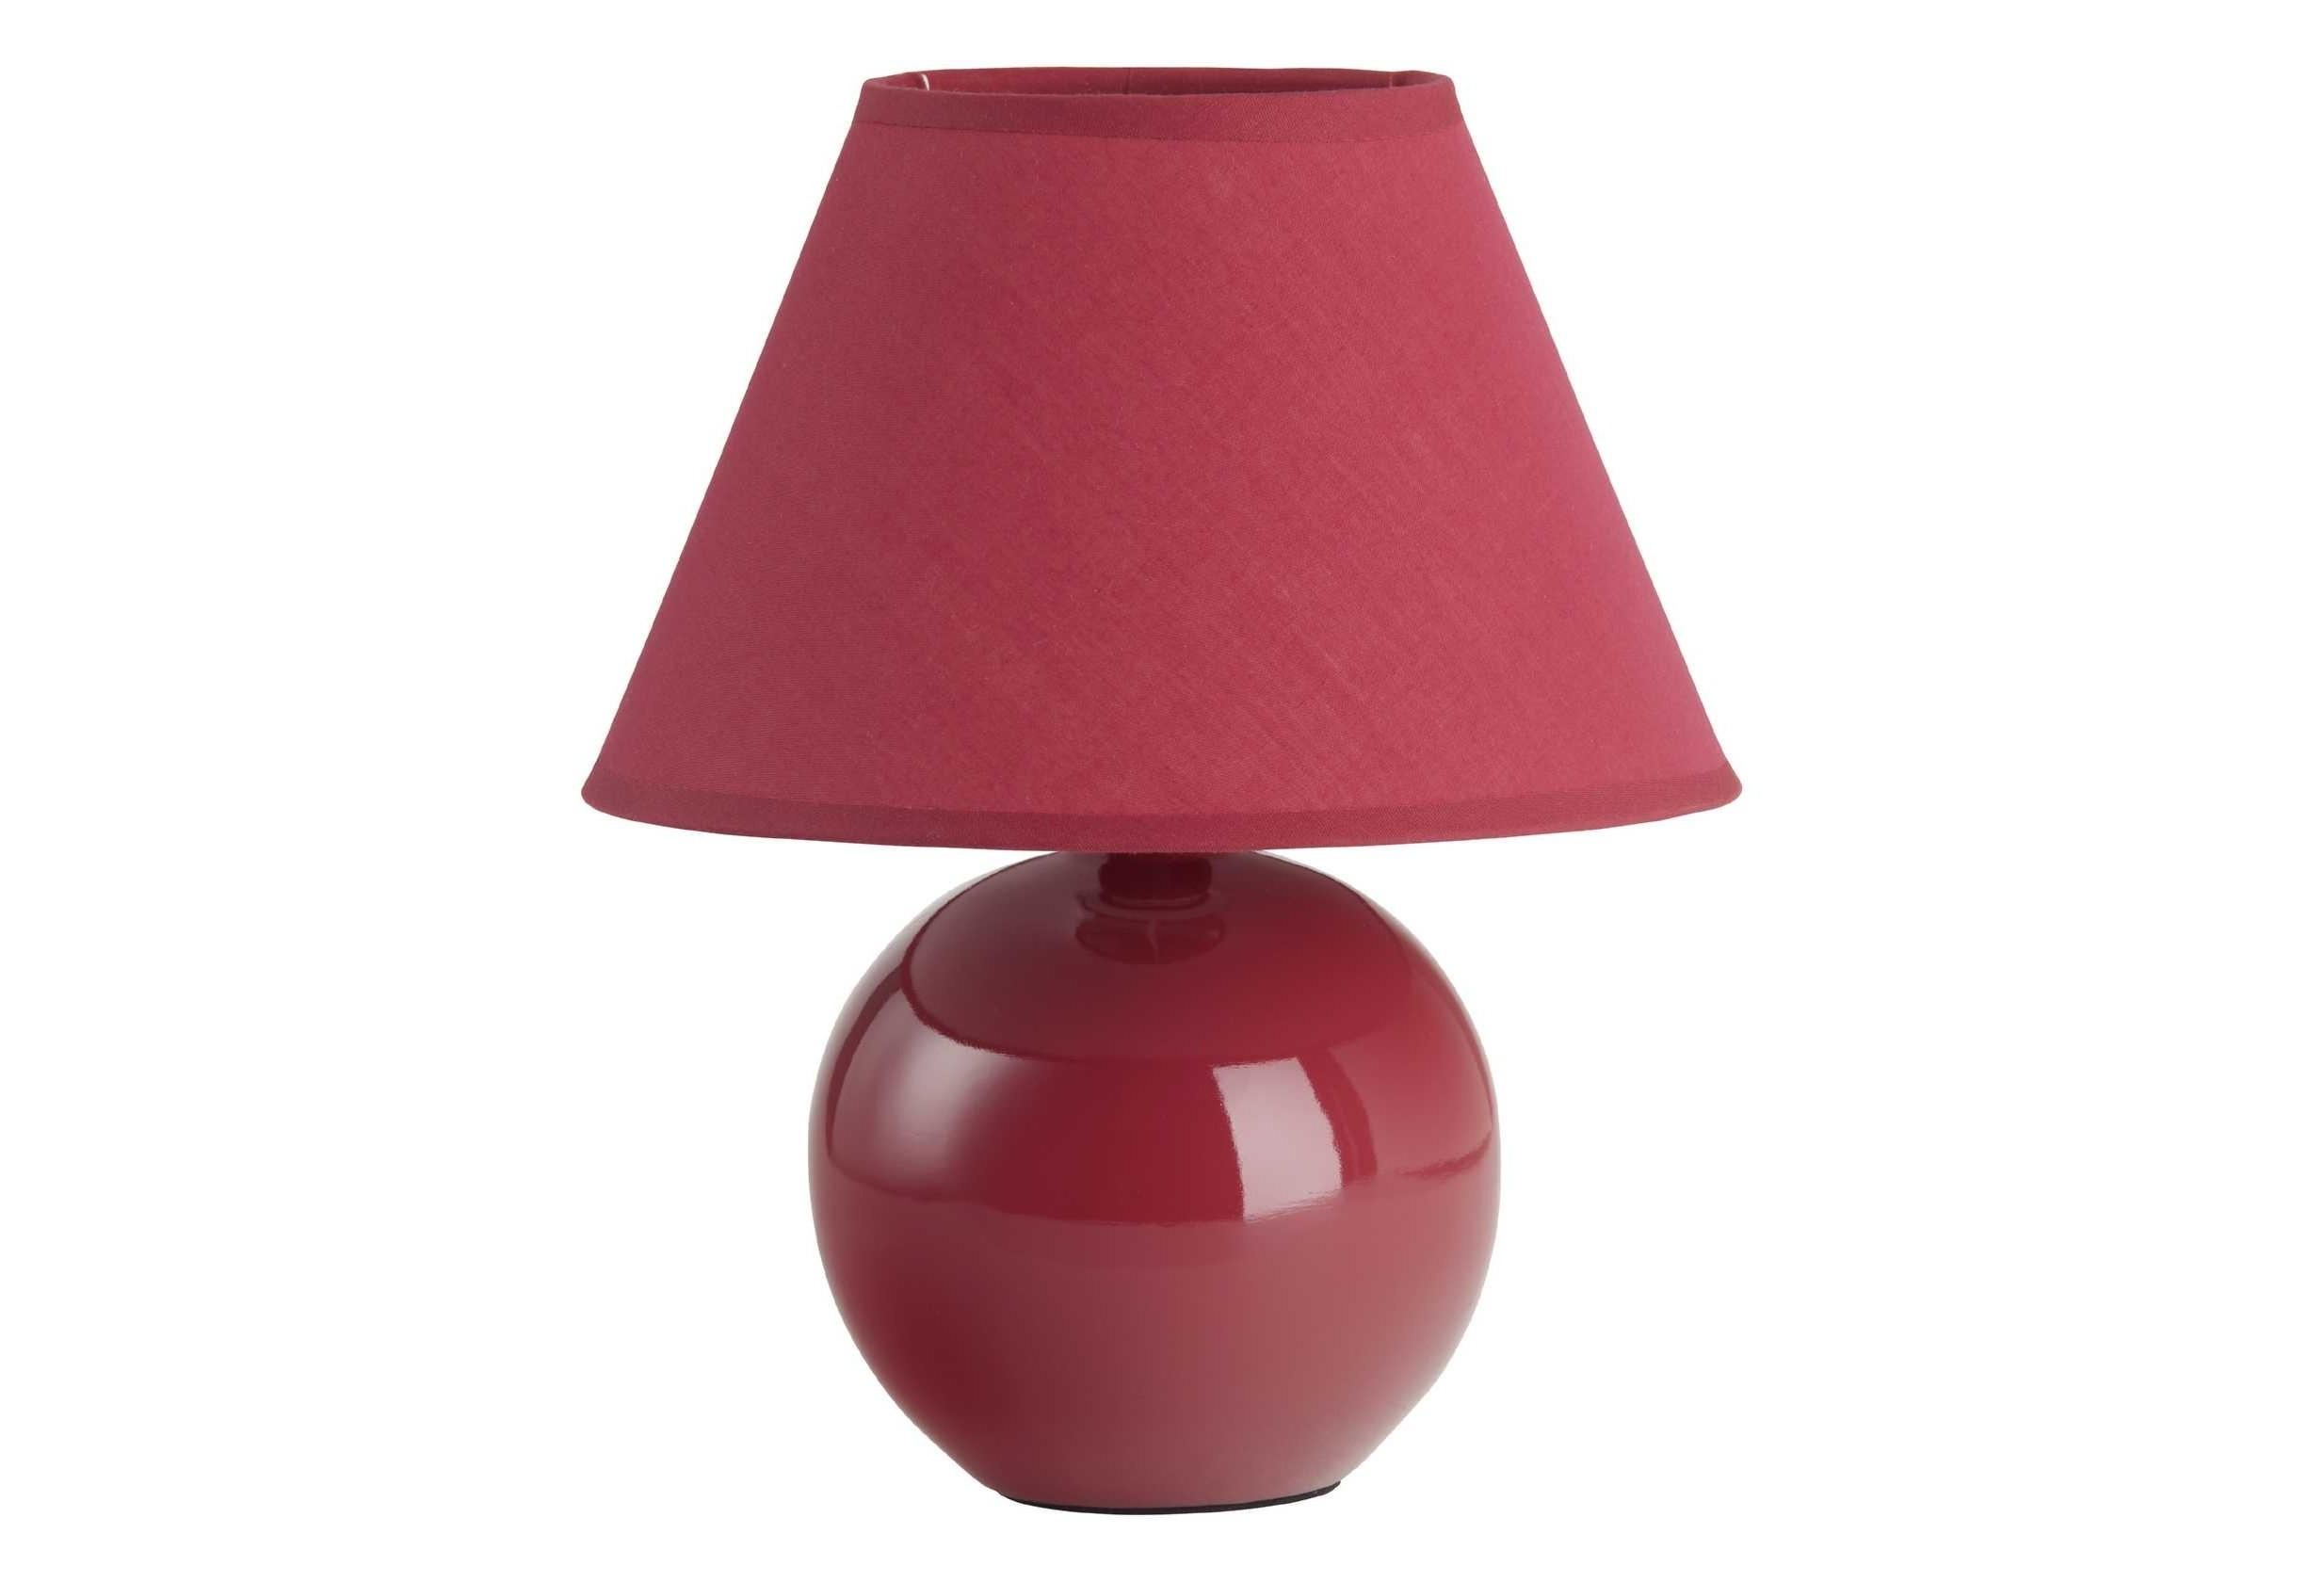 Лампа настольная PrimoДекоративные лампы<br>&amp;lt;div&amp;gt;&amp;lt;div&amp;gt;Цоколь: E14&amp;lt;/div&amp;gt;&amp;lt;div&amp;gt;Мощность лампы: 40W&amp;lt;/div&amp;gt;&amp;lt;div&amp;gt;Количество ламп: 1&amp;lt;/div&amp;gt;&amp;lt;div&amp;gt;Наличие ламп: отсутствуют&amp;lt;/div&amp;gt;&amp;lt;/div&amp;gt;&amp;lt;div&amp;gt;&amp;lt;br&amp;gt;&amp;lt;/div&amp;gt;&amp;lt;br&amp;gt;<br><br>Material: Керамика<br>Height см: 23<br>Diameter см: 20